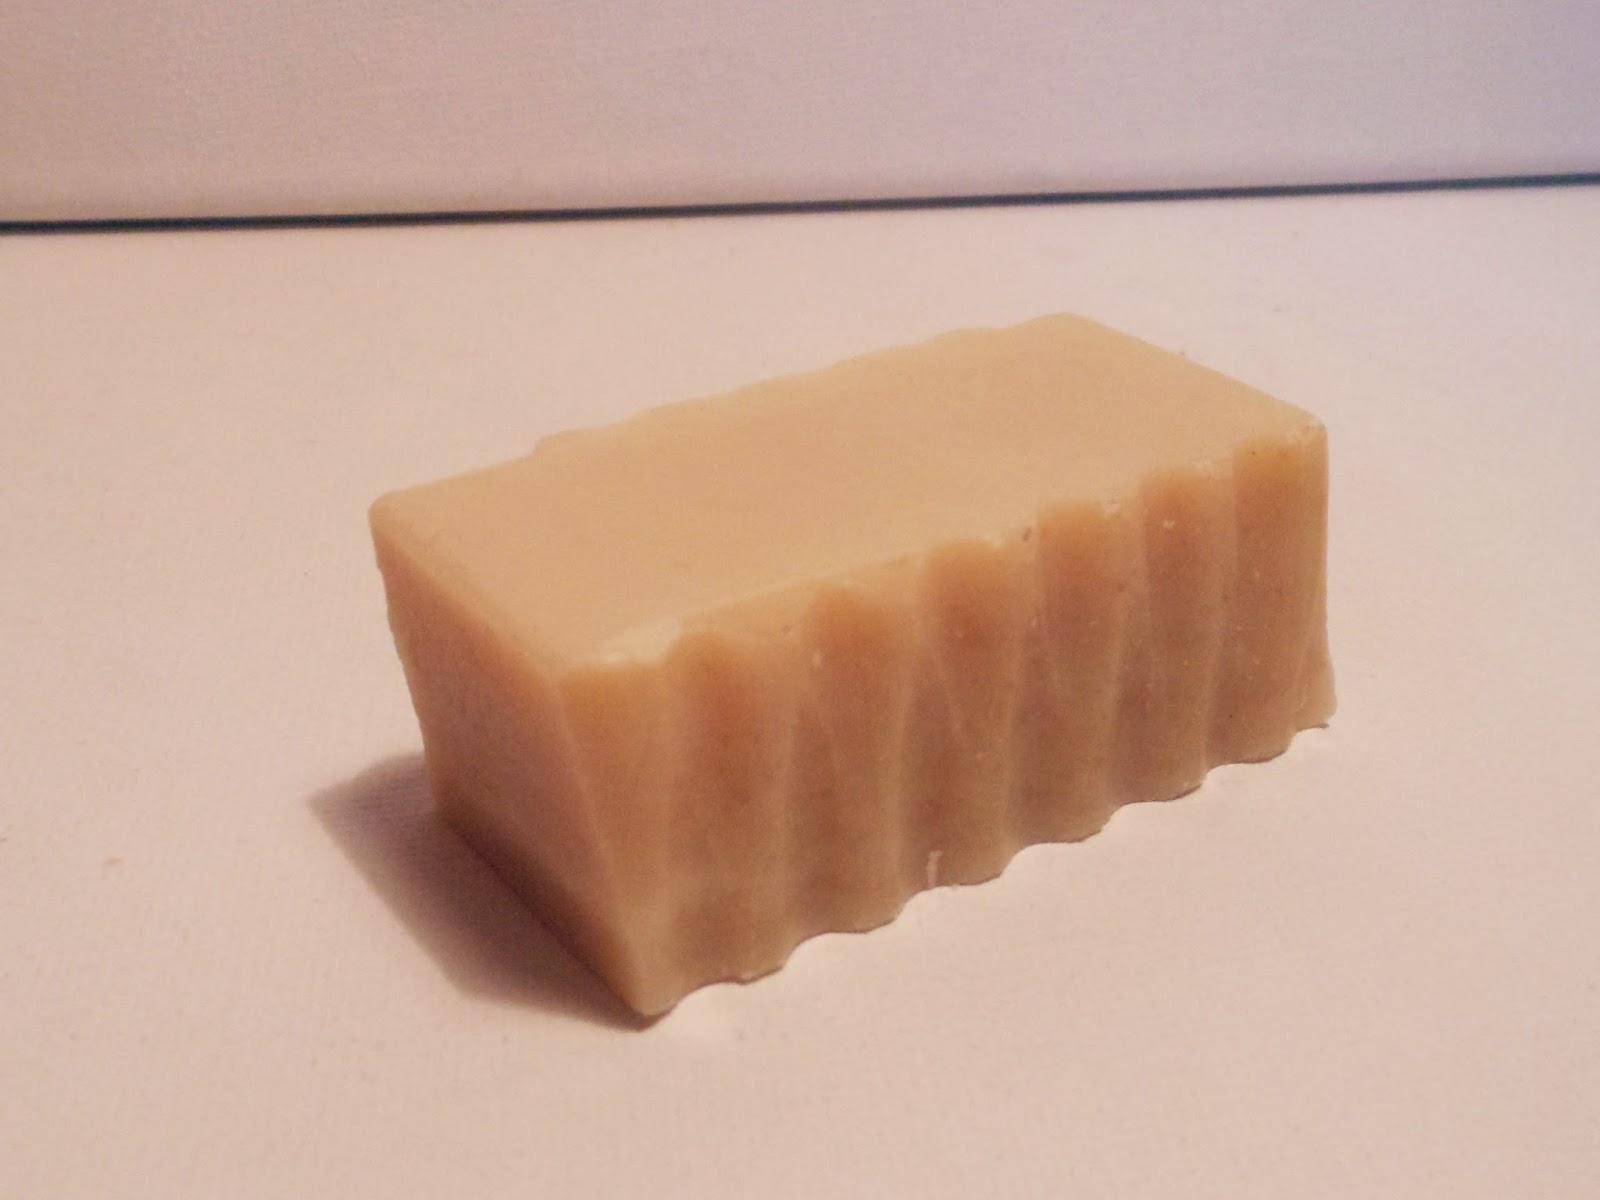 cd1a923cca7 Seep on väga nahaasõbralik, muudab selle äärmiselt puhtaks ning eemaldab  väga kergelt meigi ja kogu mustuse. Lisaks annab seep nahale ka värskust  juurde.